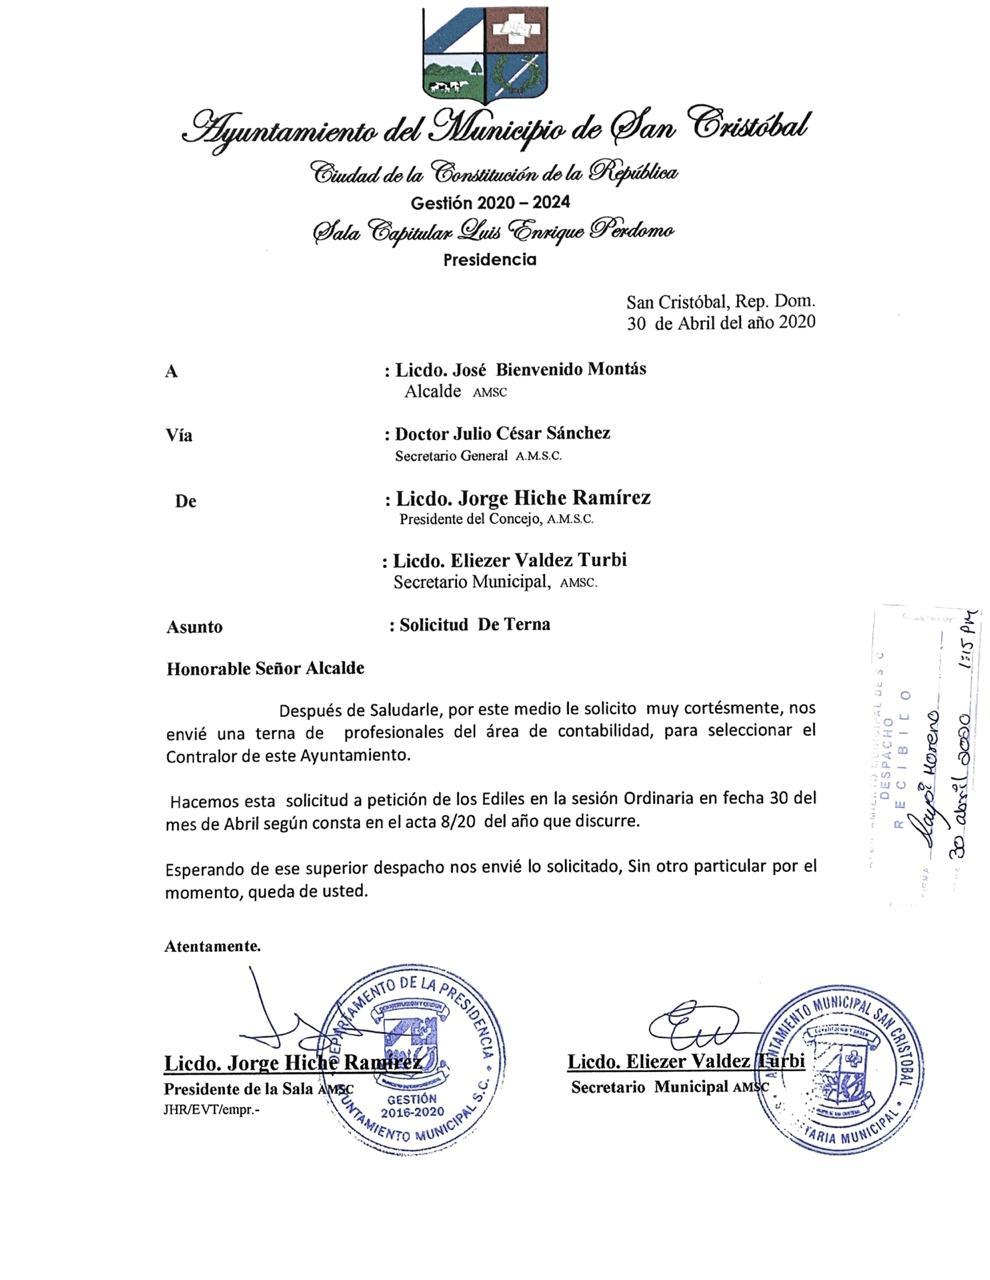 El Ayuntamiento Municipal de San Cristoballlama a concurso para seleccionar el Contralor General